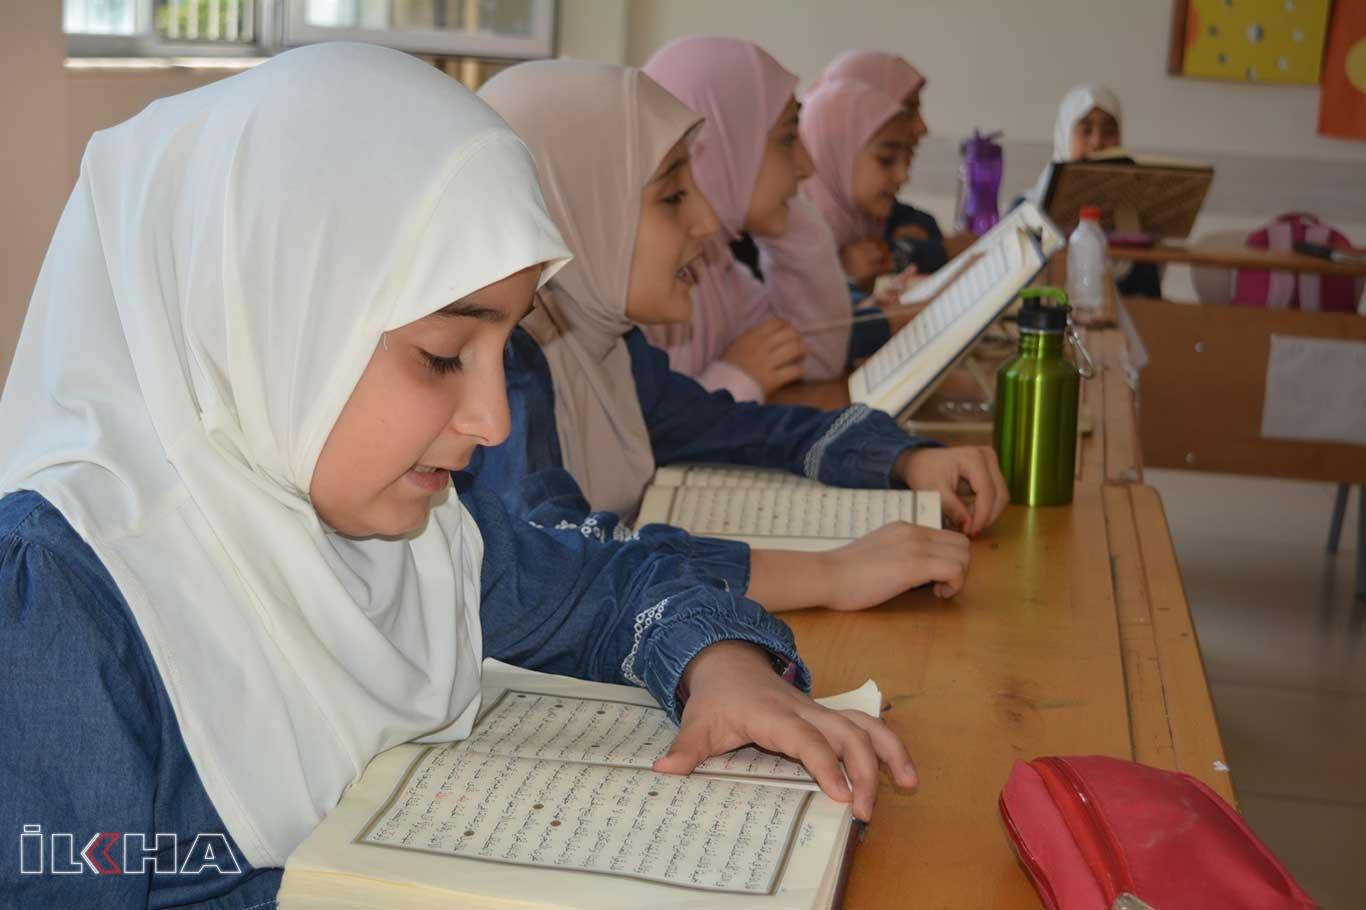 İmam hatipli öğrenciler Kuran hafızlığı için ter döküyor.